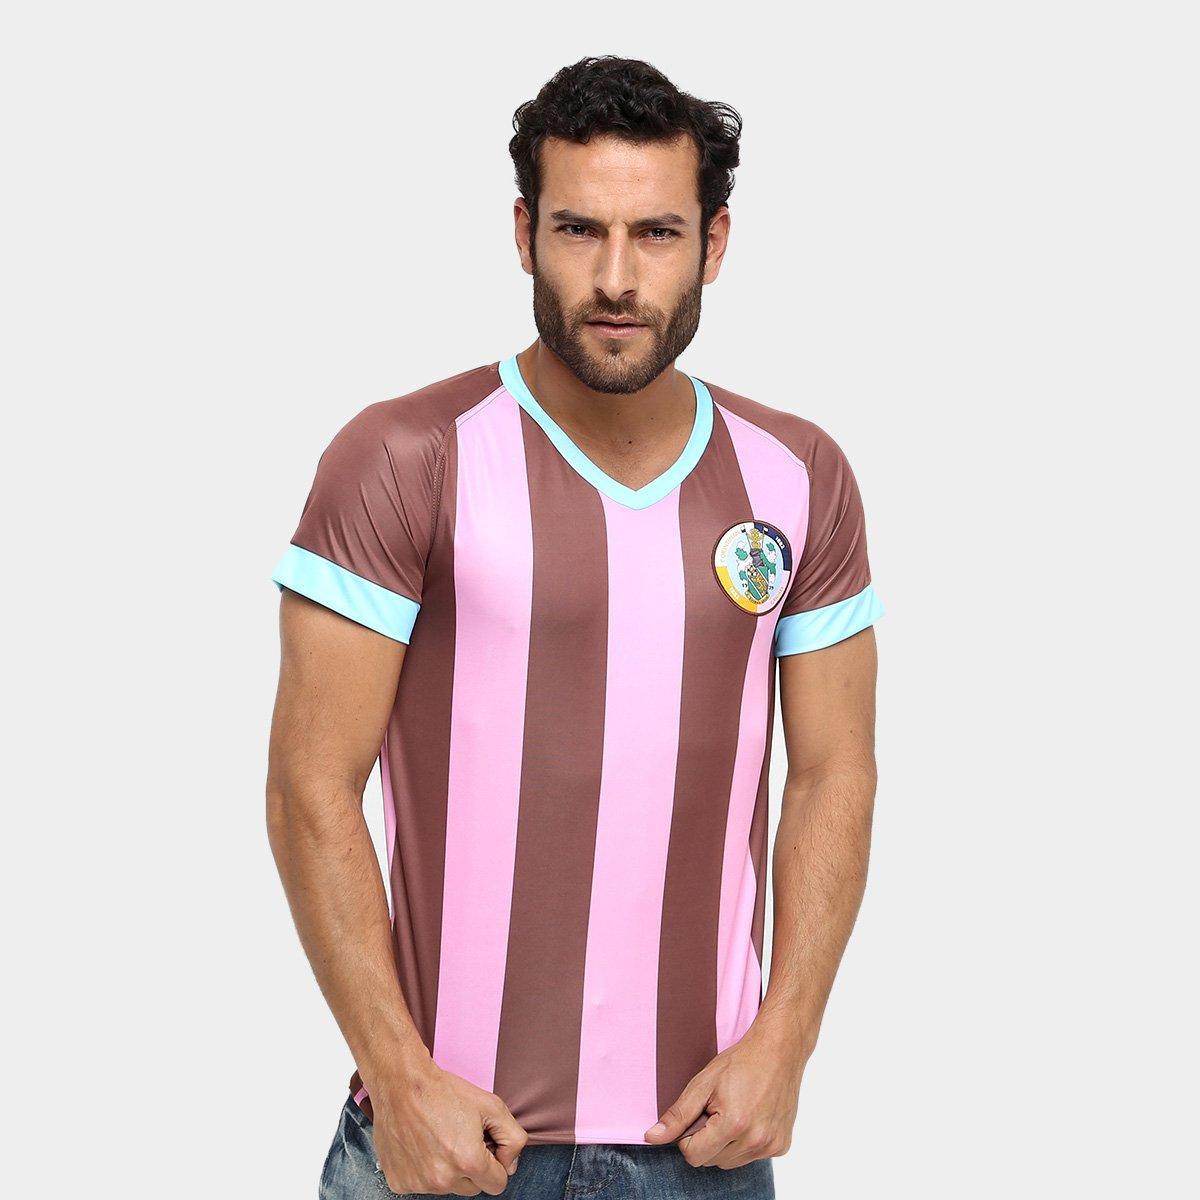 b13f4ddaab Camisa Corinthians Casuals Réplica Masculina - Rosa e Marrom ...